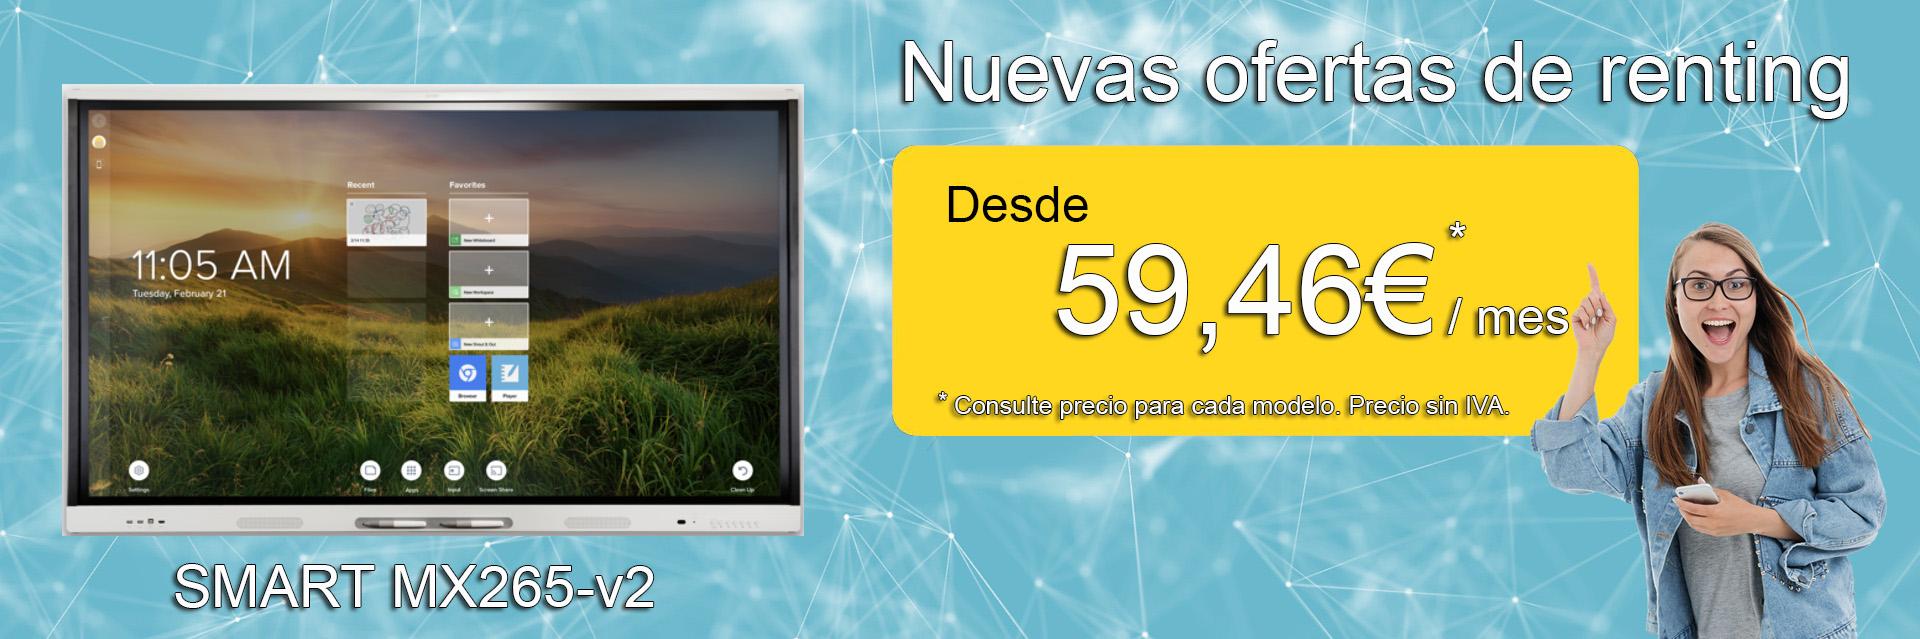 Ofertas de renting Smart MX265-V2